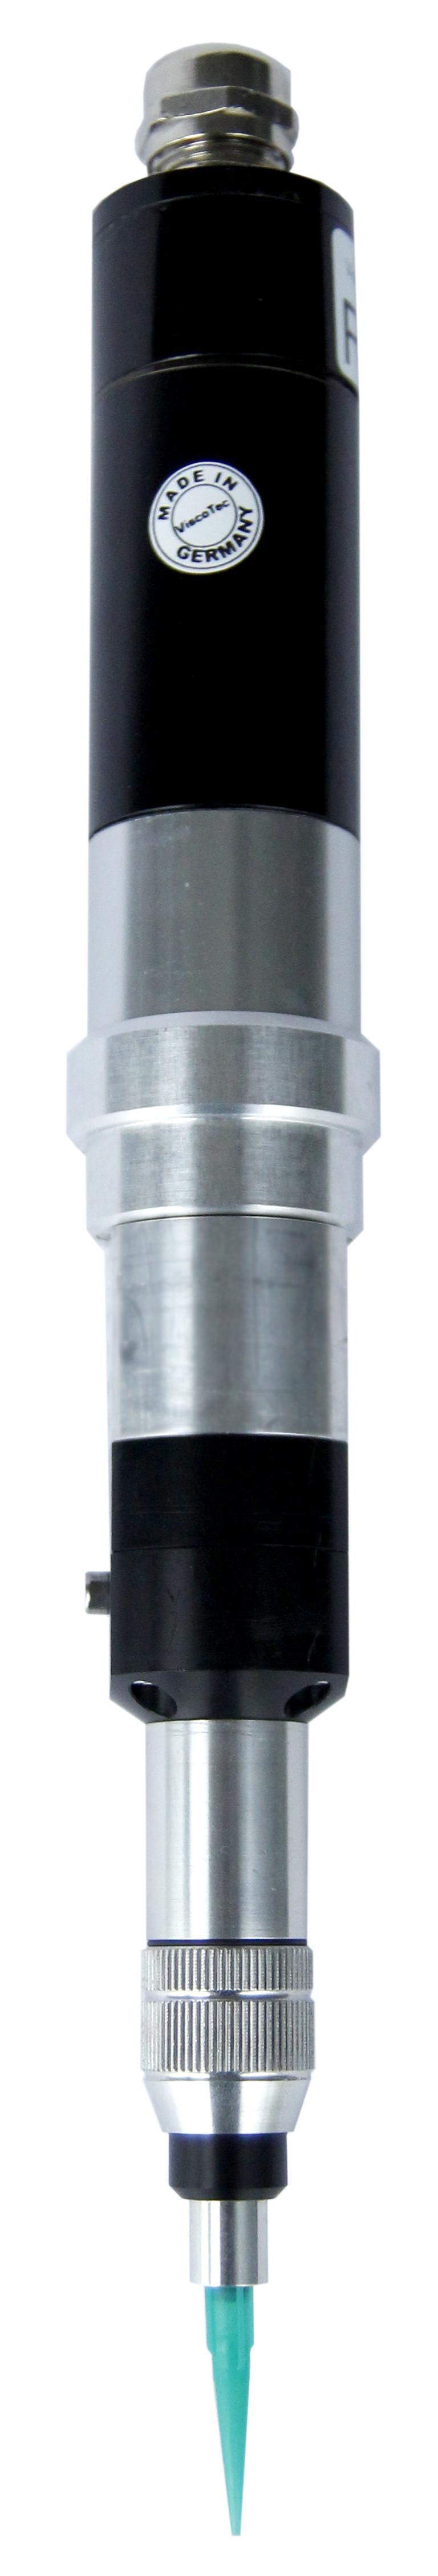 Exzenterschneckenpumpe 3RD4-EC